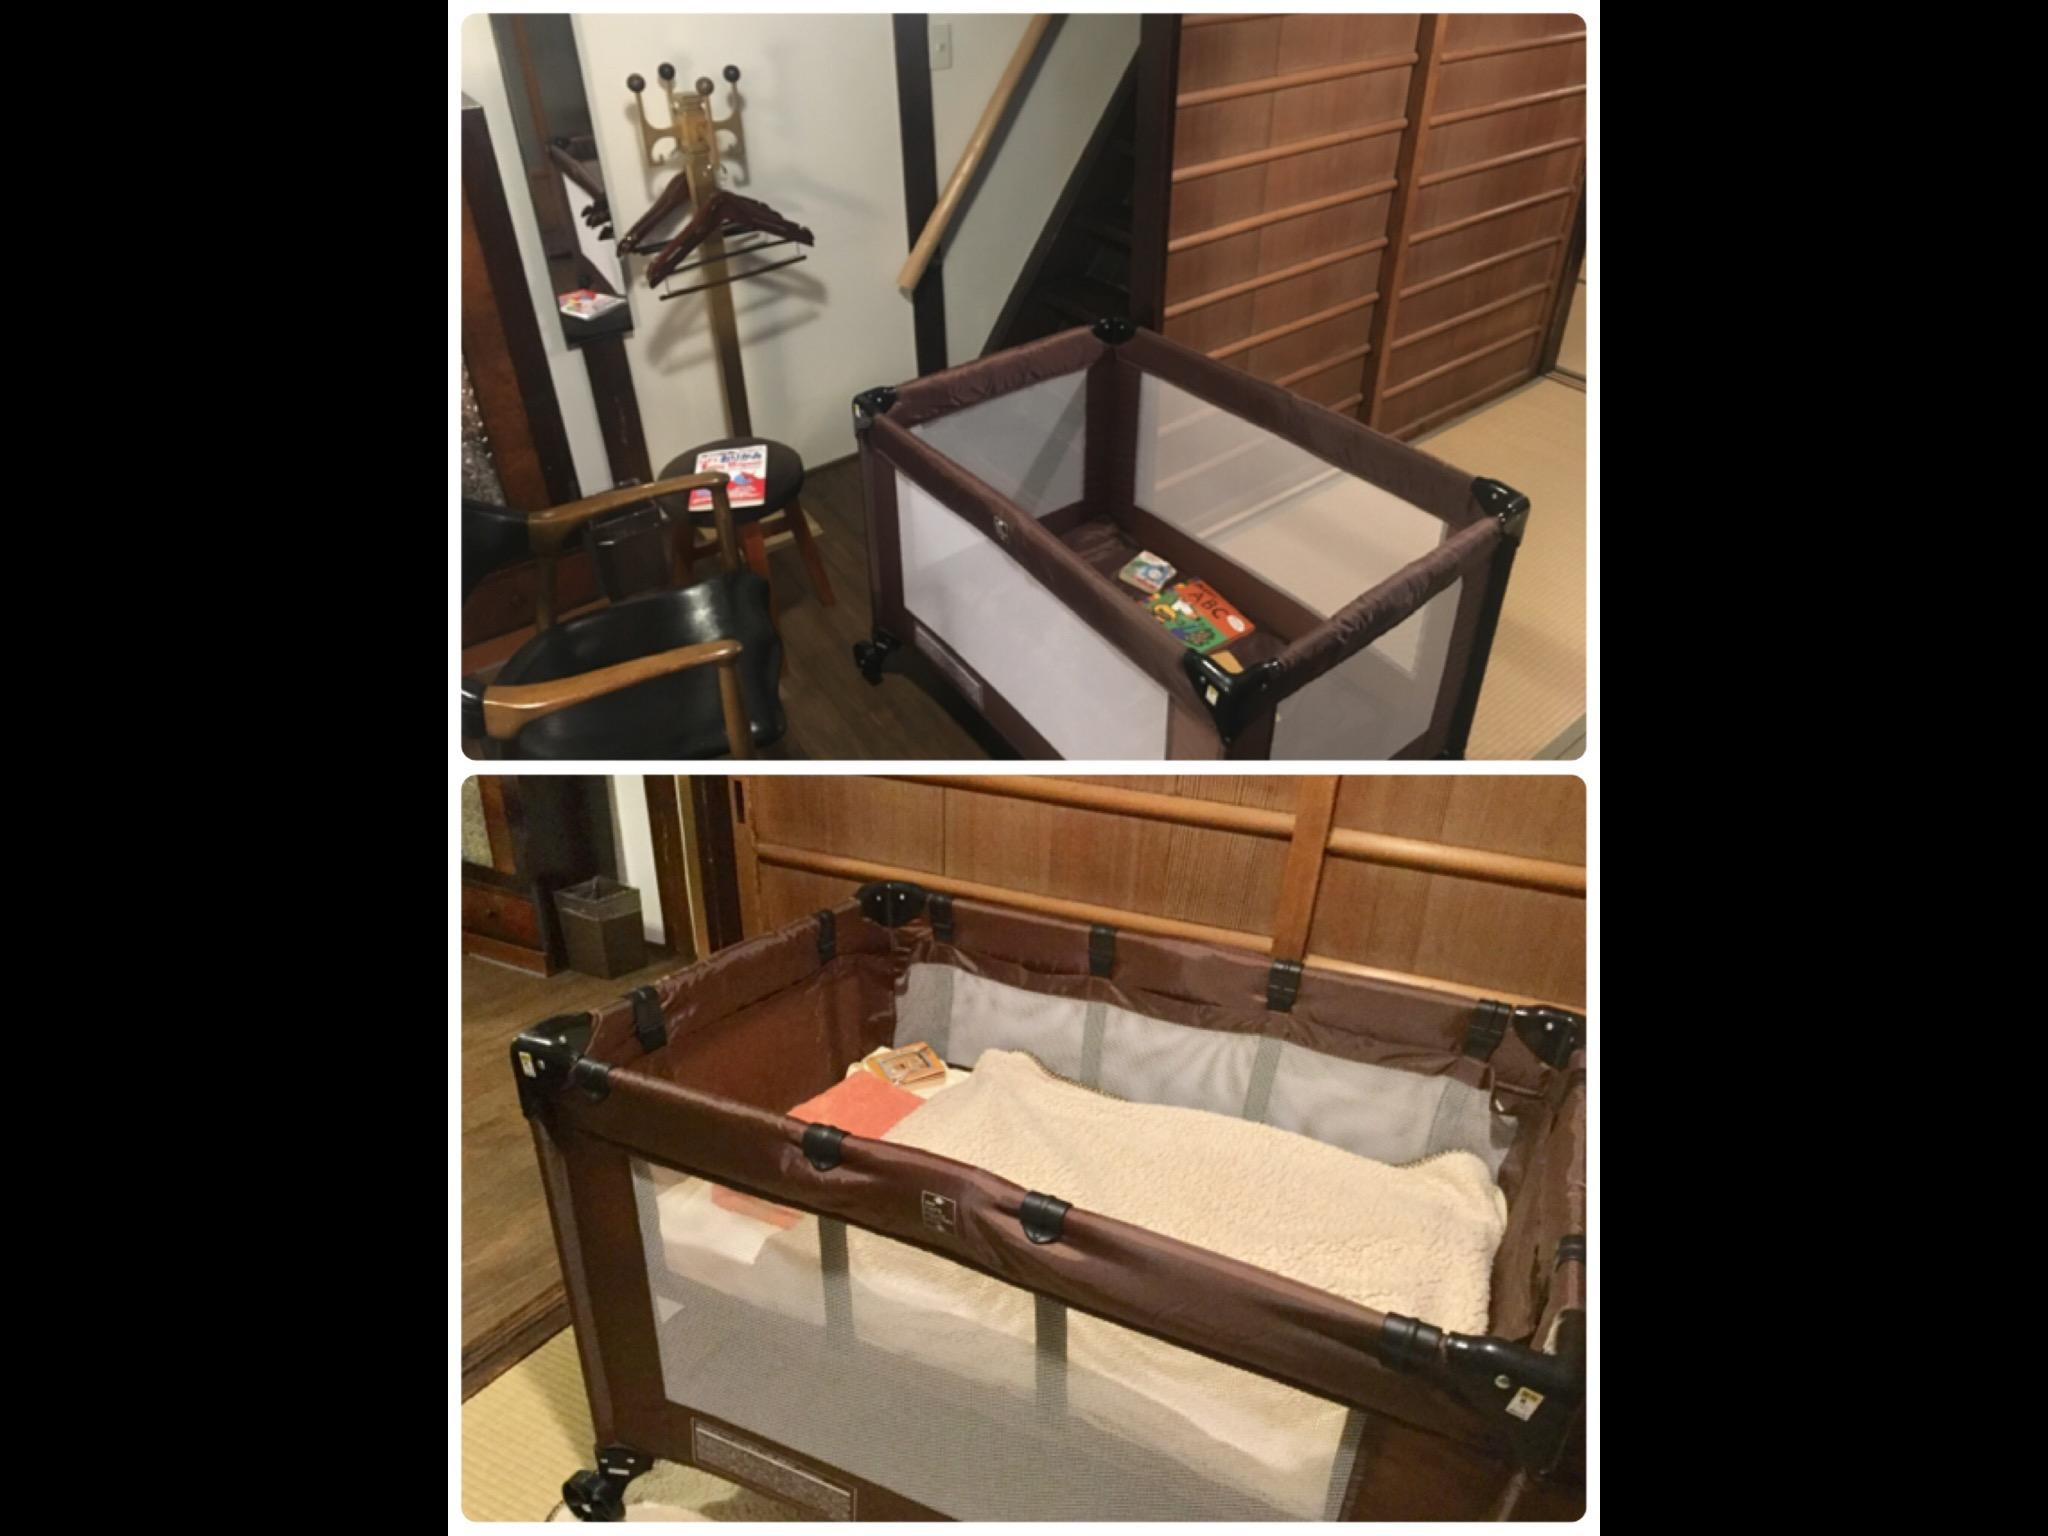 ご希望により 無料でベビーサークル(お昼寝ベッドとしての使用可)設置